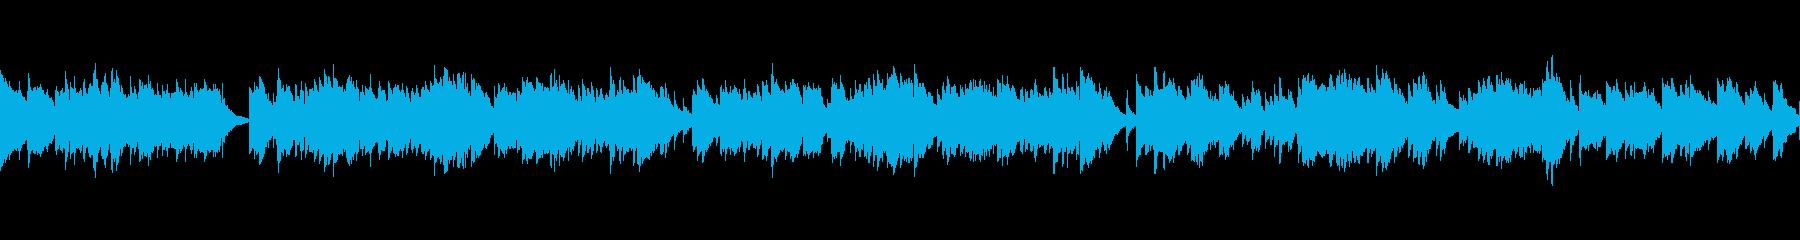 おだやかなギターソロ(ループ)の再生済みの波形